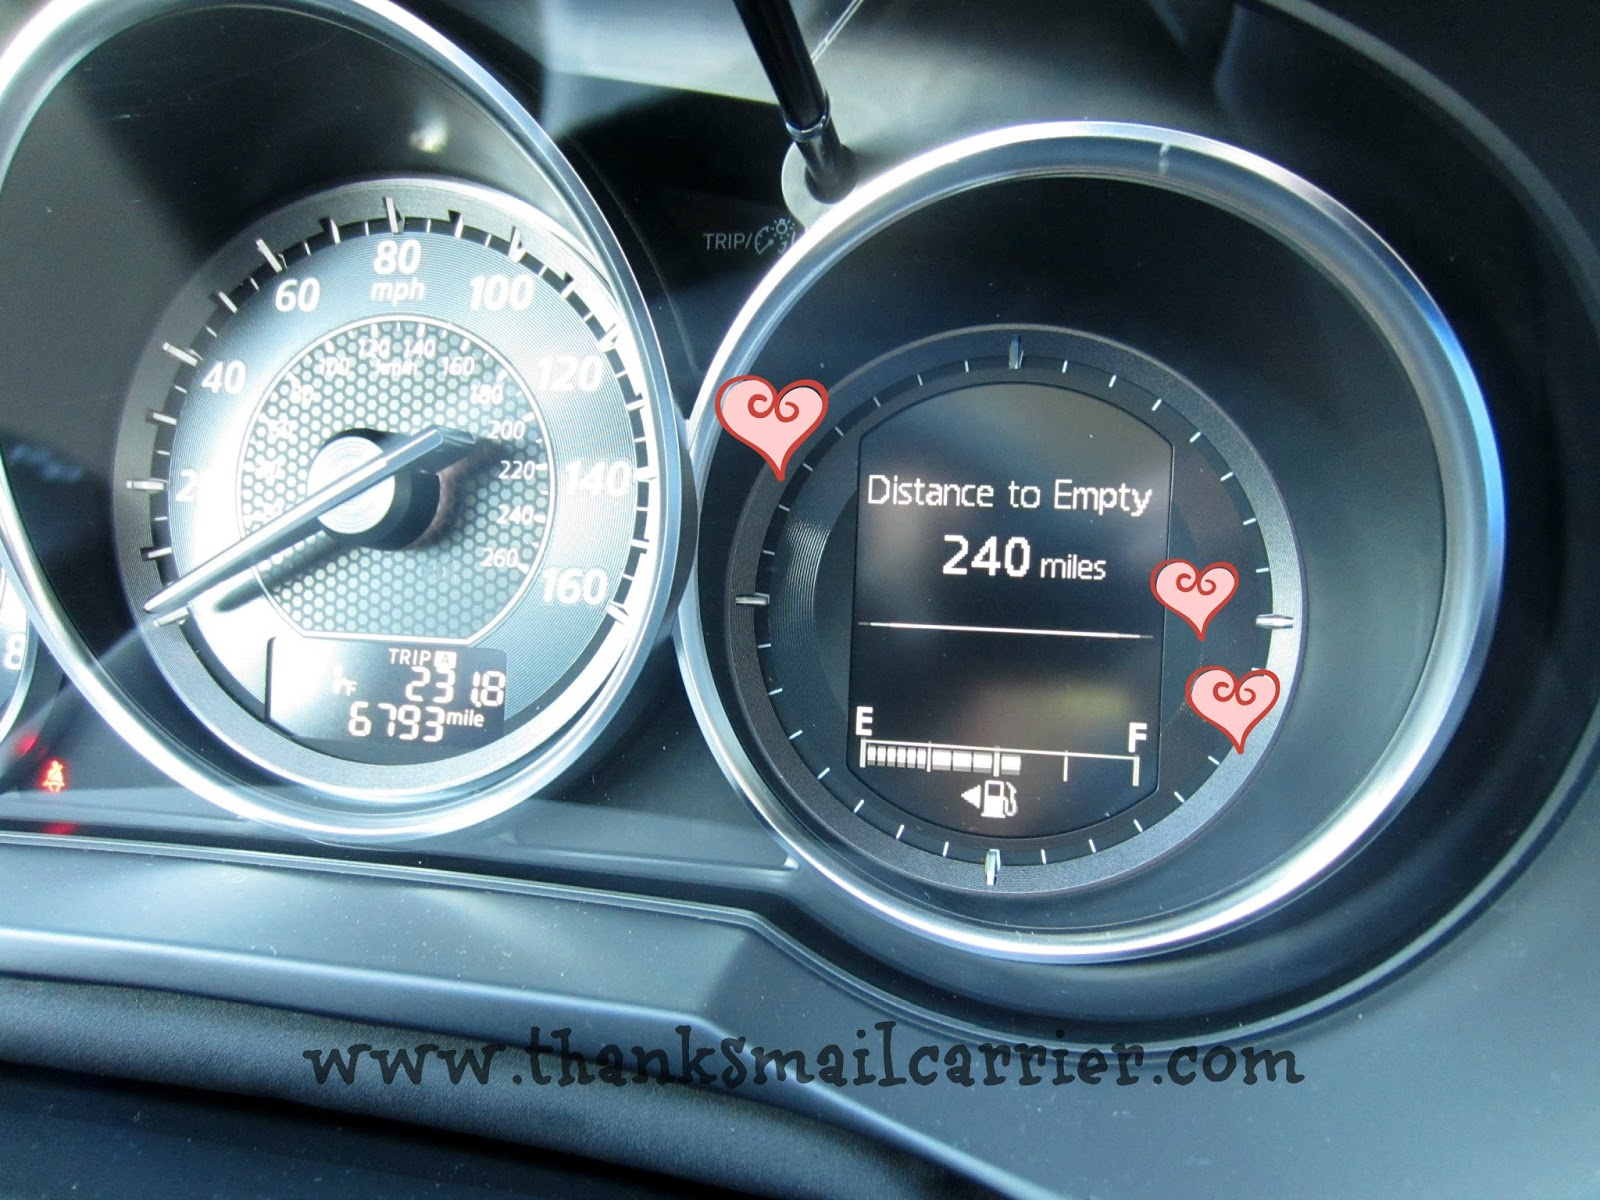 Mazda6 gas tank